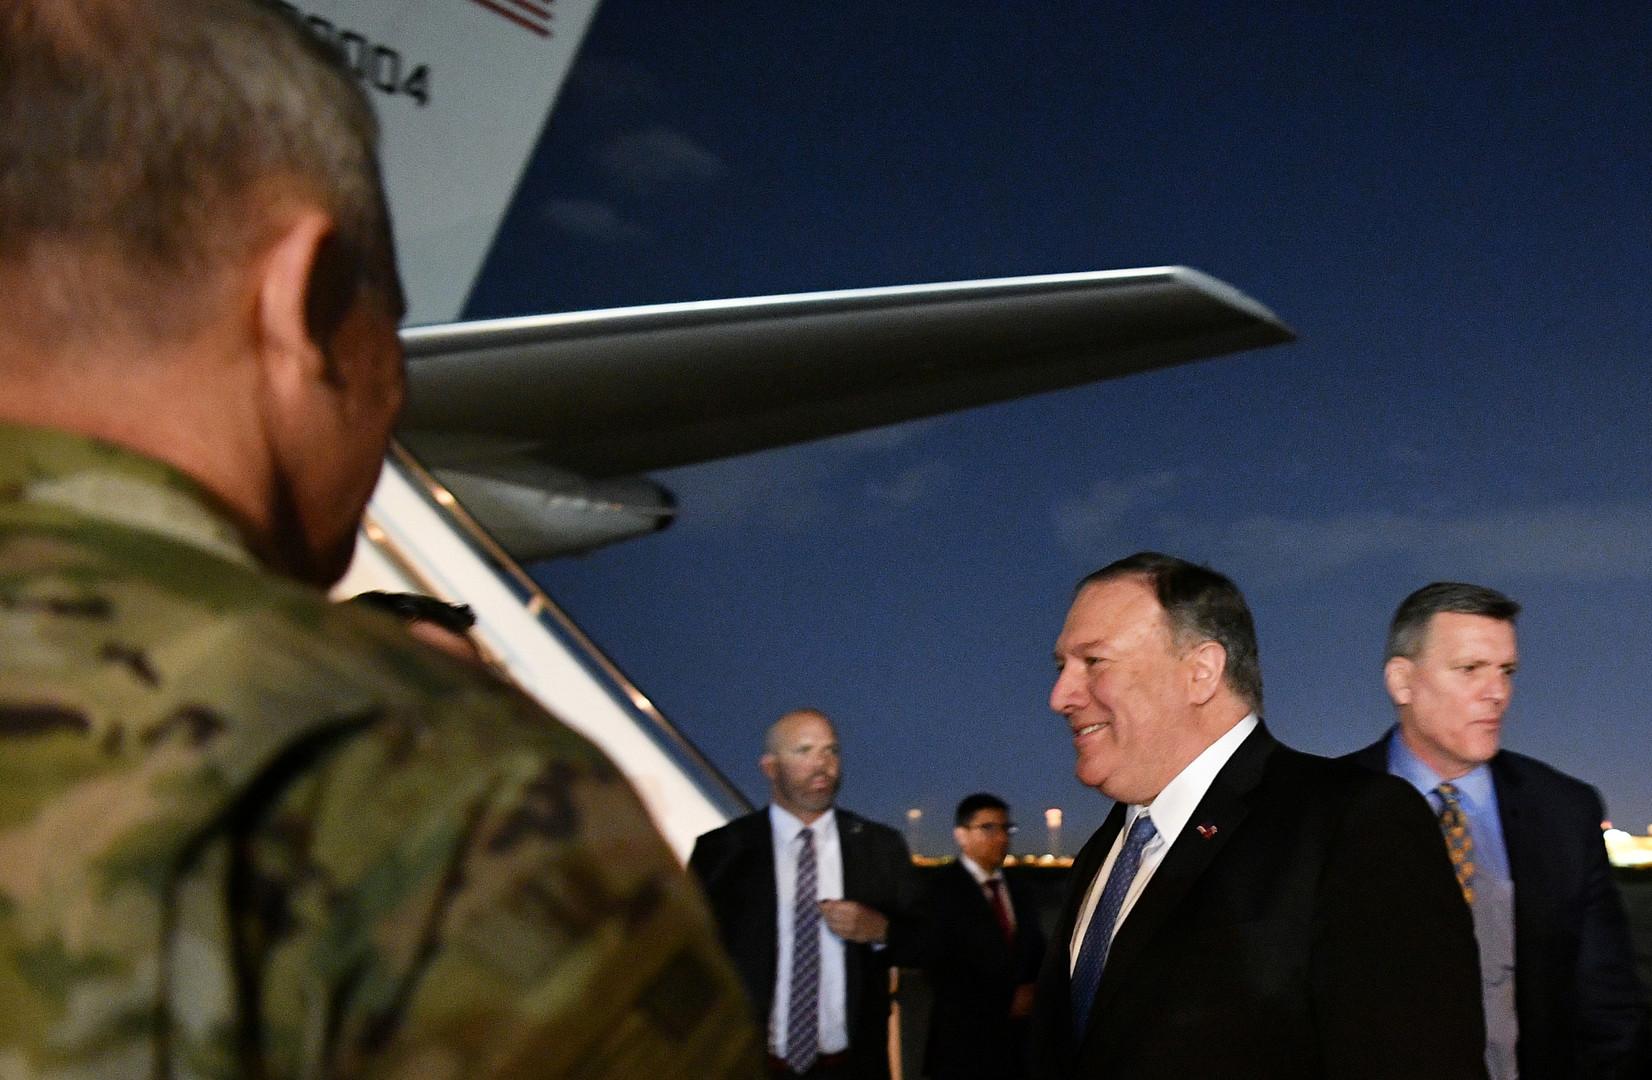 وزير الخارجية الأمريكي مايك بومبيو أثناء زيارته غير المعلنة إلى العراق